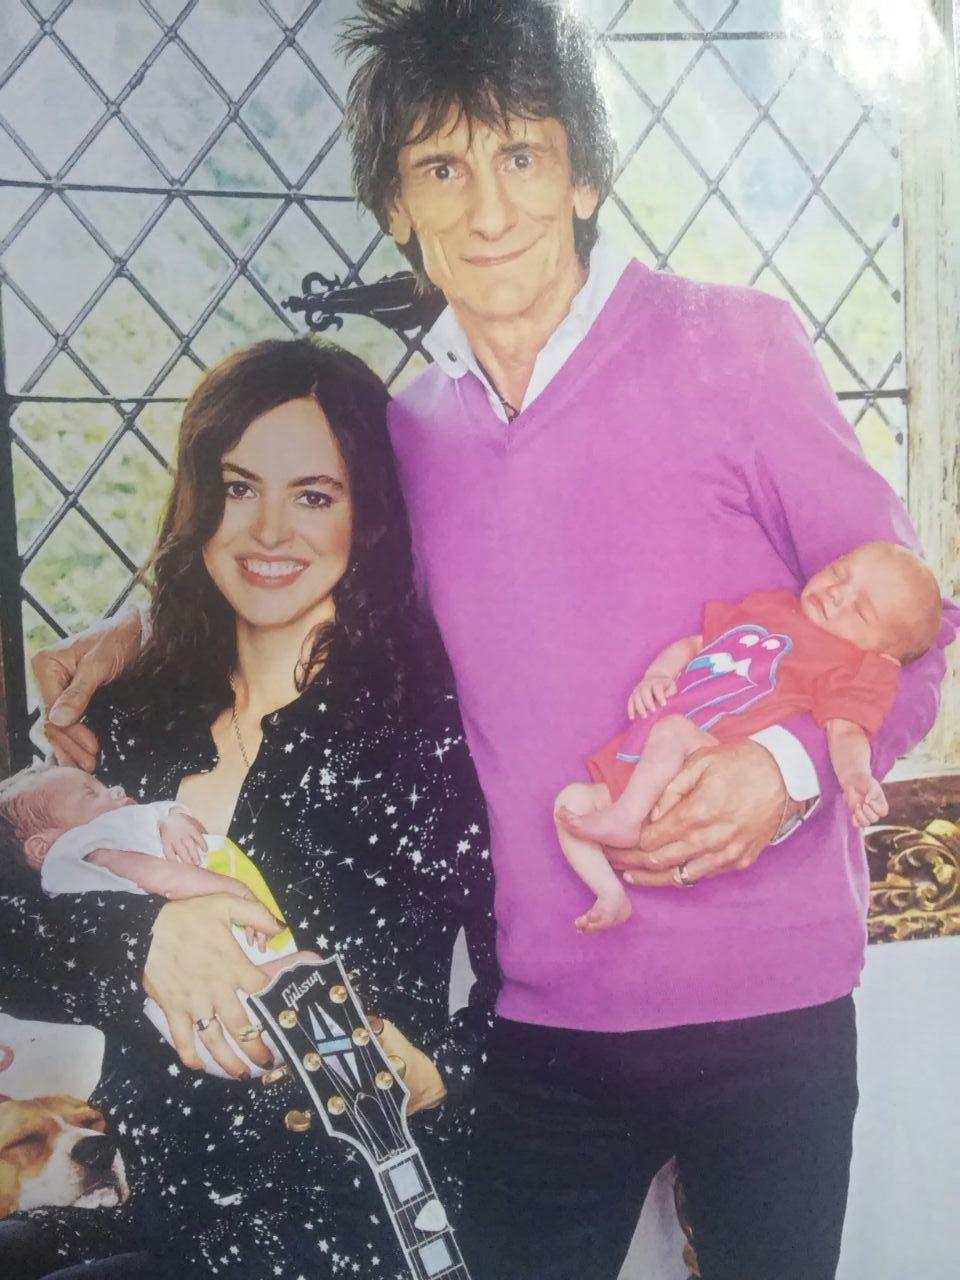 Ron Wood presentó a sus gemelas Gracie Jane y Alice Rose